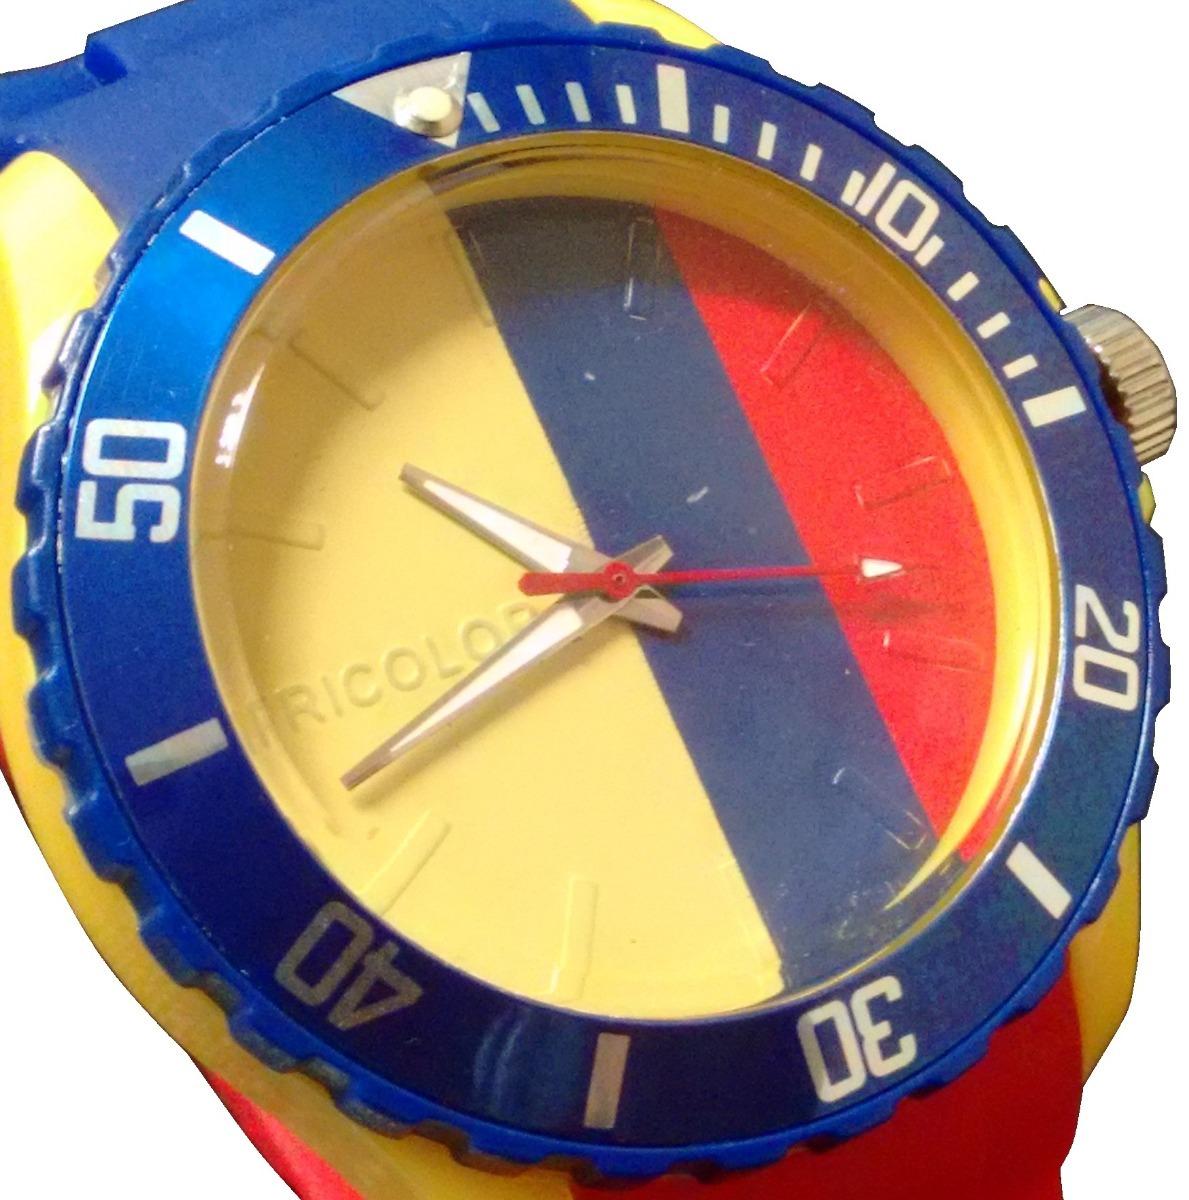 Selección Colombia Turbante Reloj Selección Selección Turbante Reloj Colombia Reloj Colombia rBWxeCod